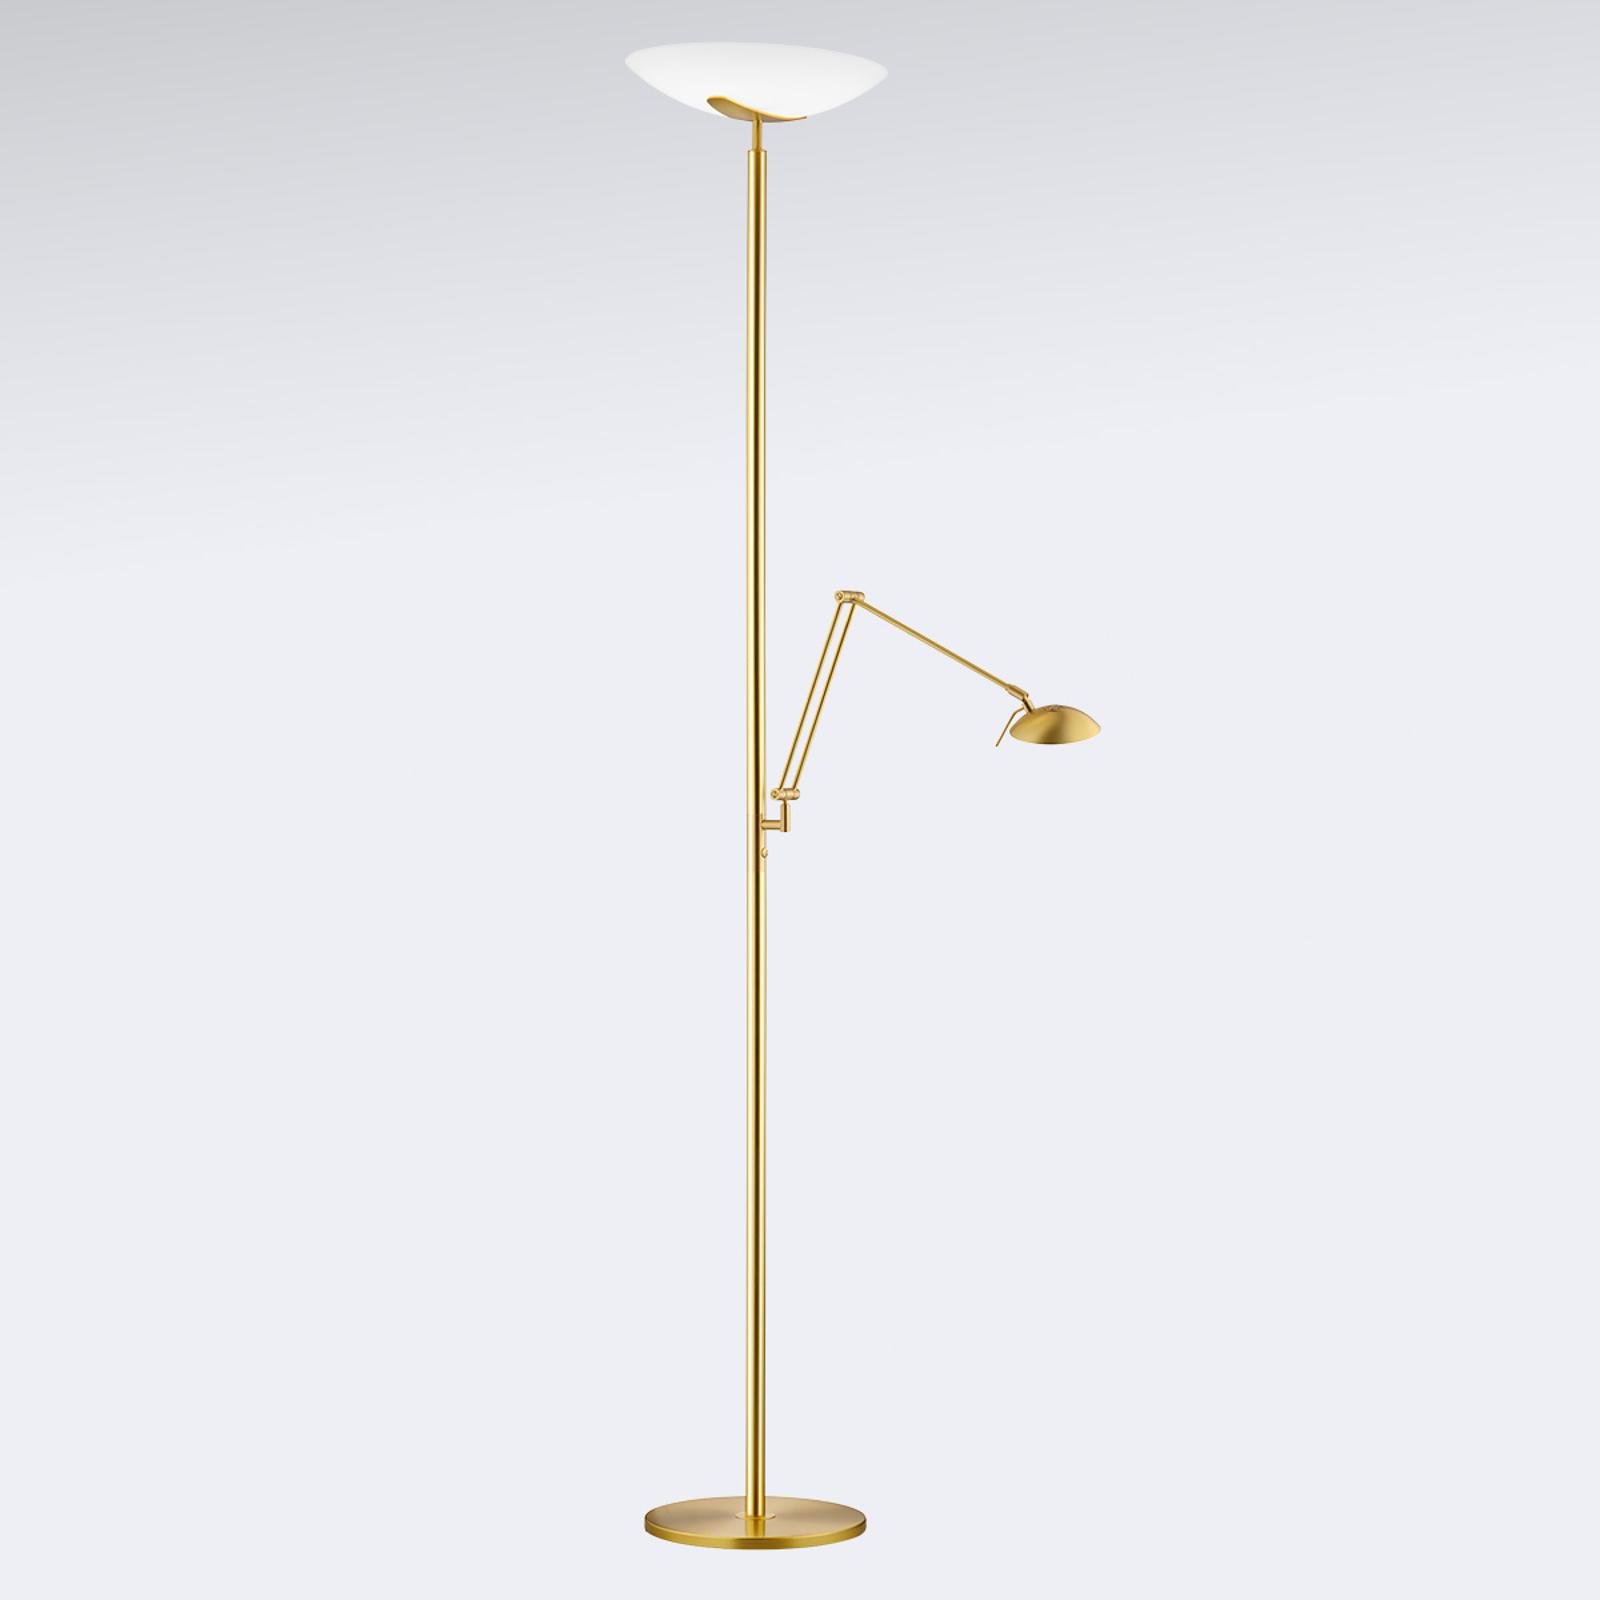 Lampe éclairage ind. LED Lya, liseuse, laiton mat